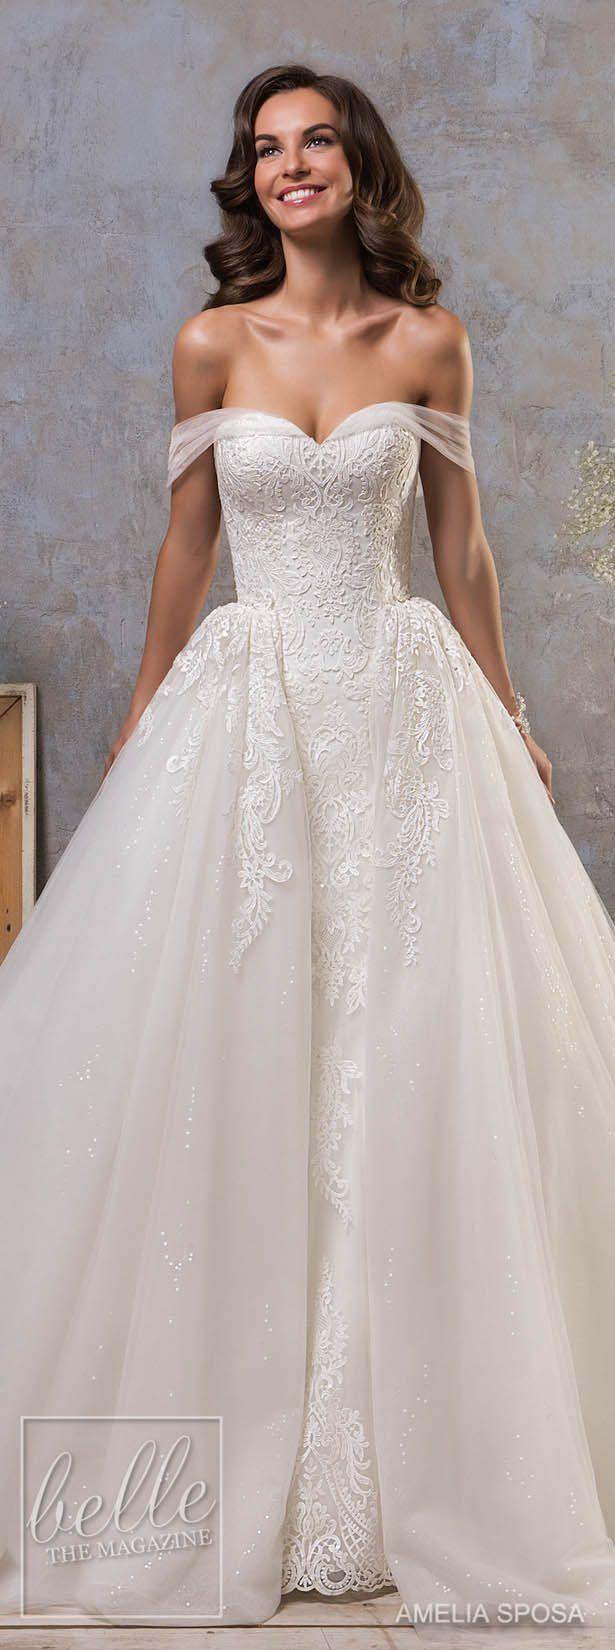 152 besten Kleider Bilder auf Pinterest | Hochzeitskleider ...